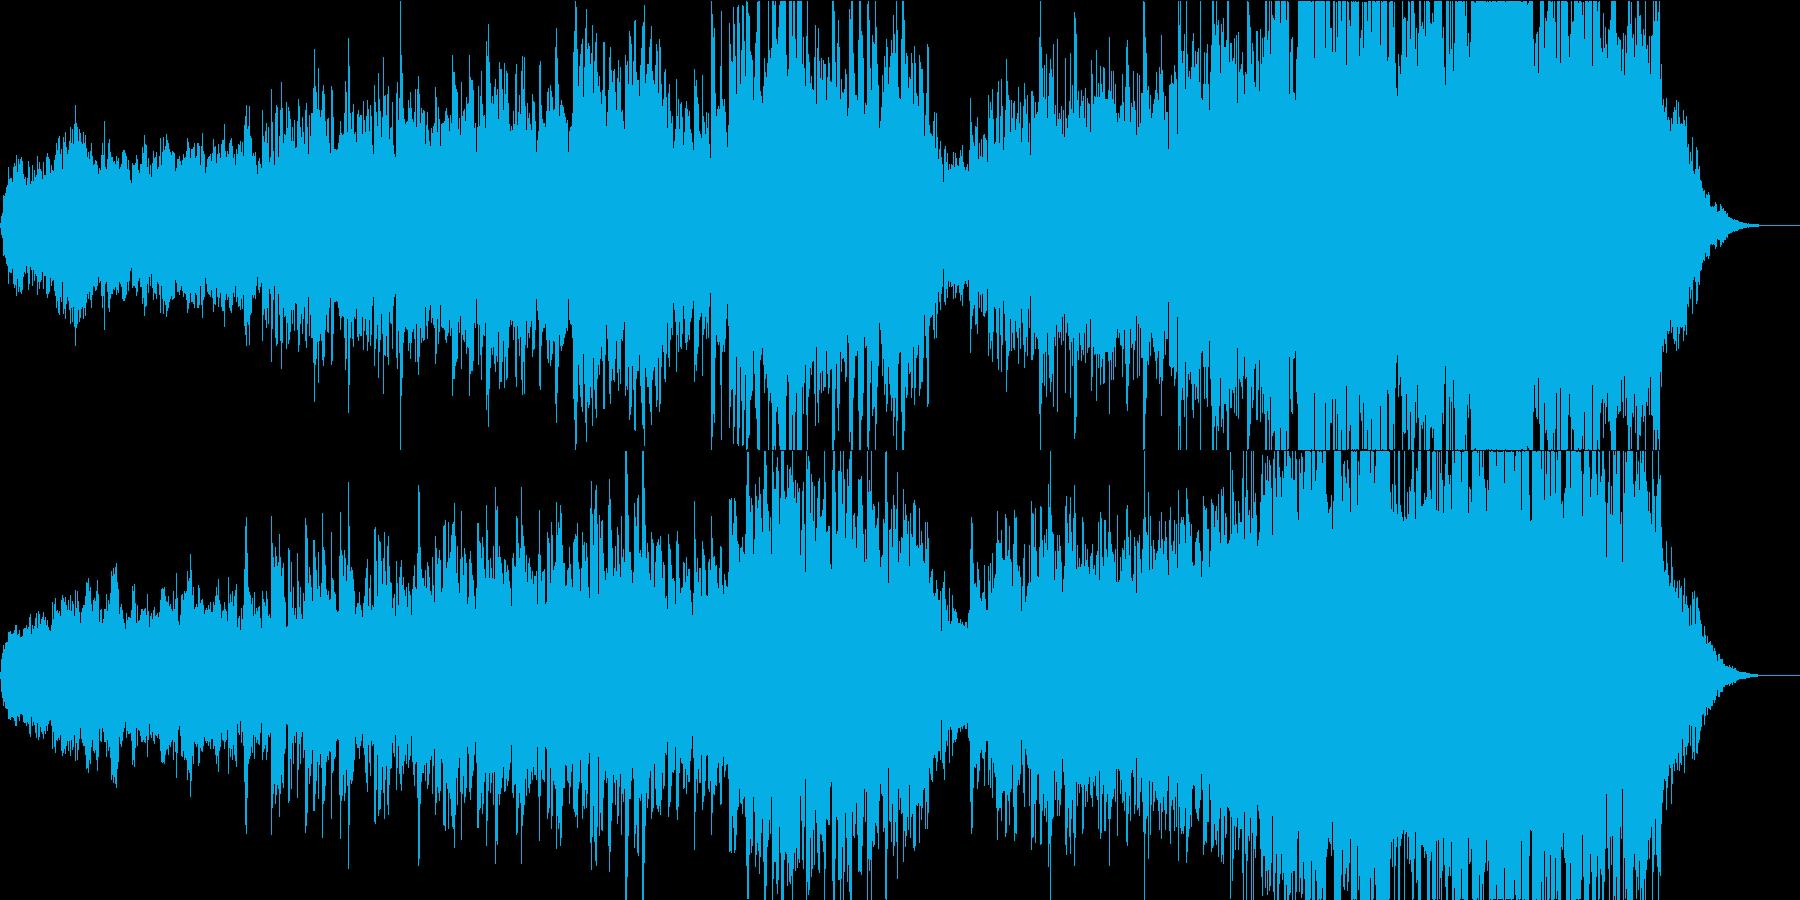 心が洗われるような美しい幻想曲の再生済みの波形